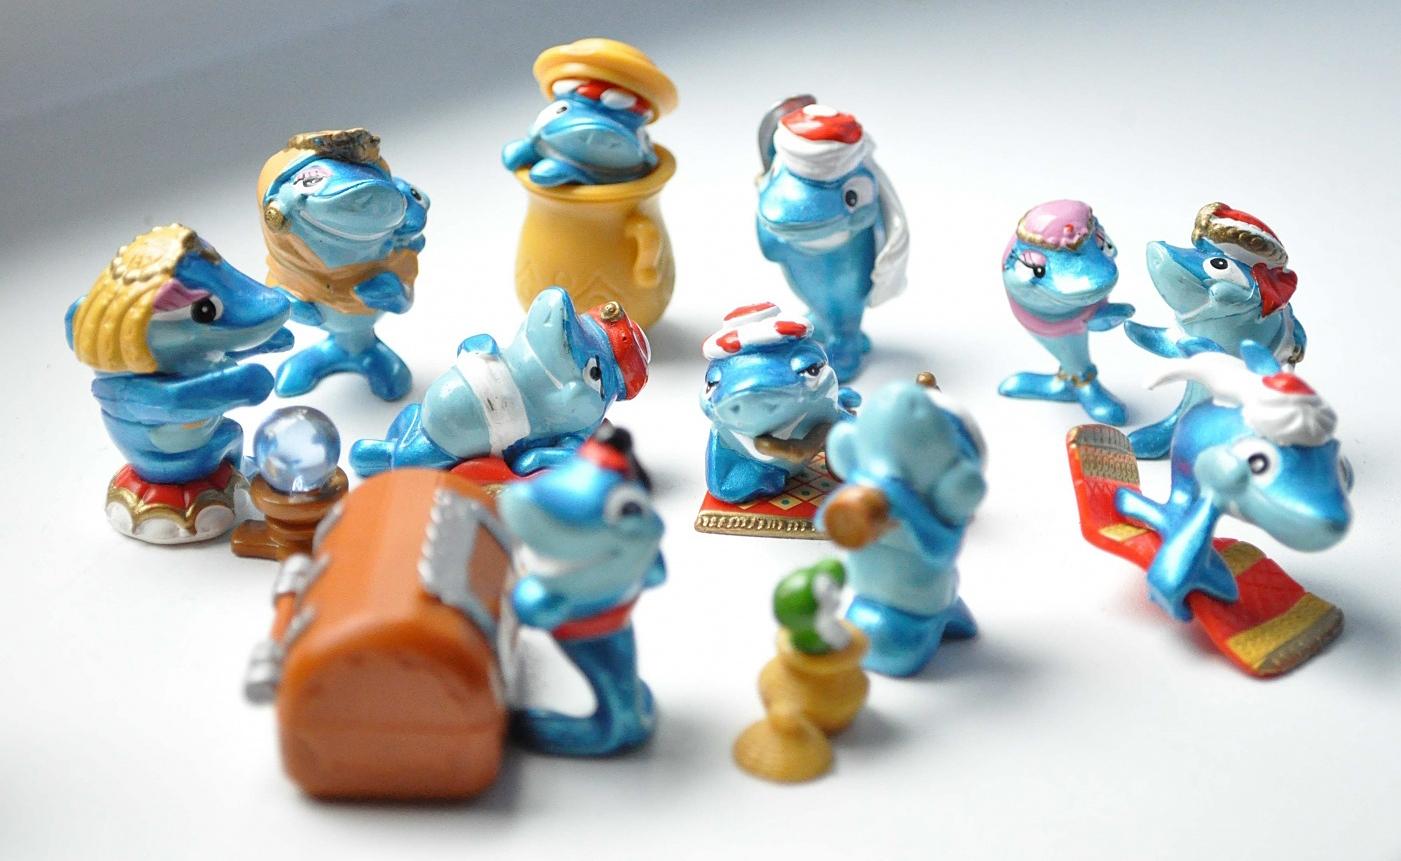 отпуском картинки киндеры сюрпризы игрушки картинки здесь произведения можно